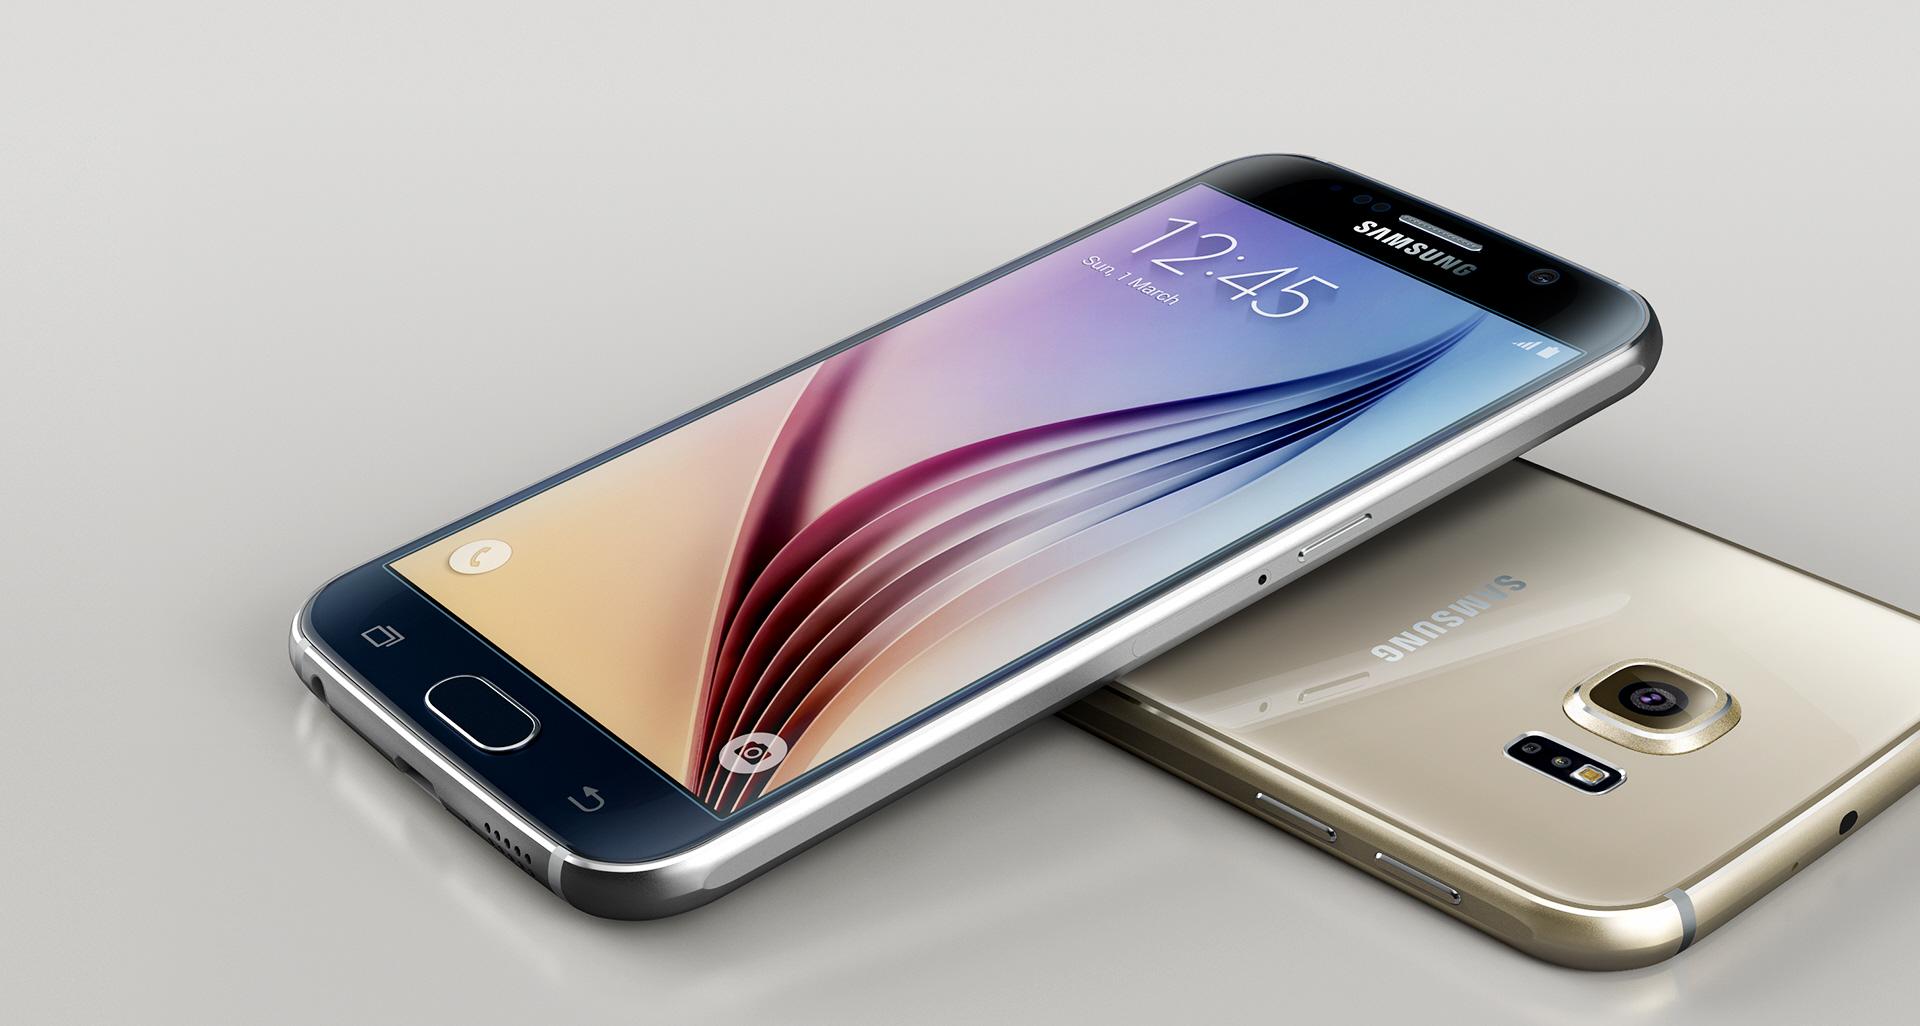 Samsung Galaxy S6 Sim Karte Einlegen.Samsung Galaxy S6 Welche Sim Karte Wird Benötigt